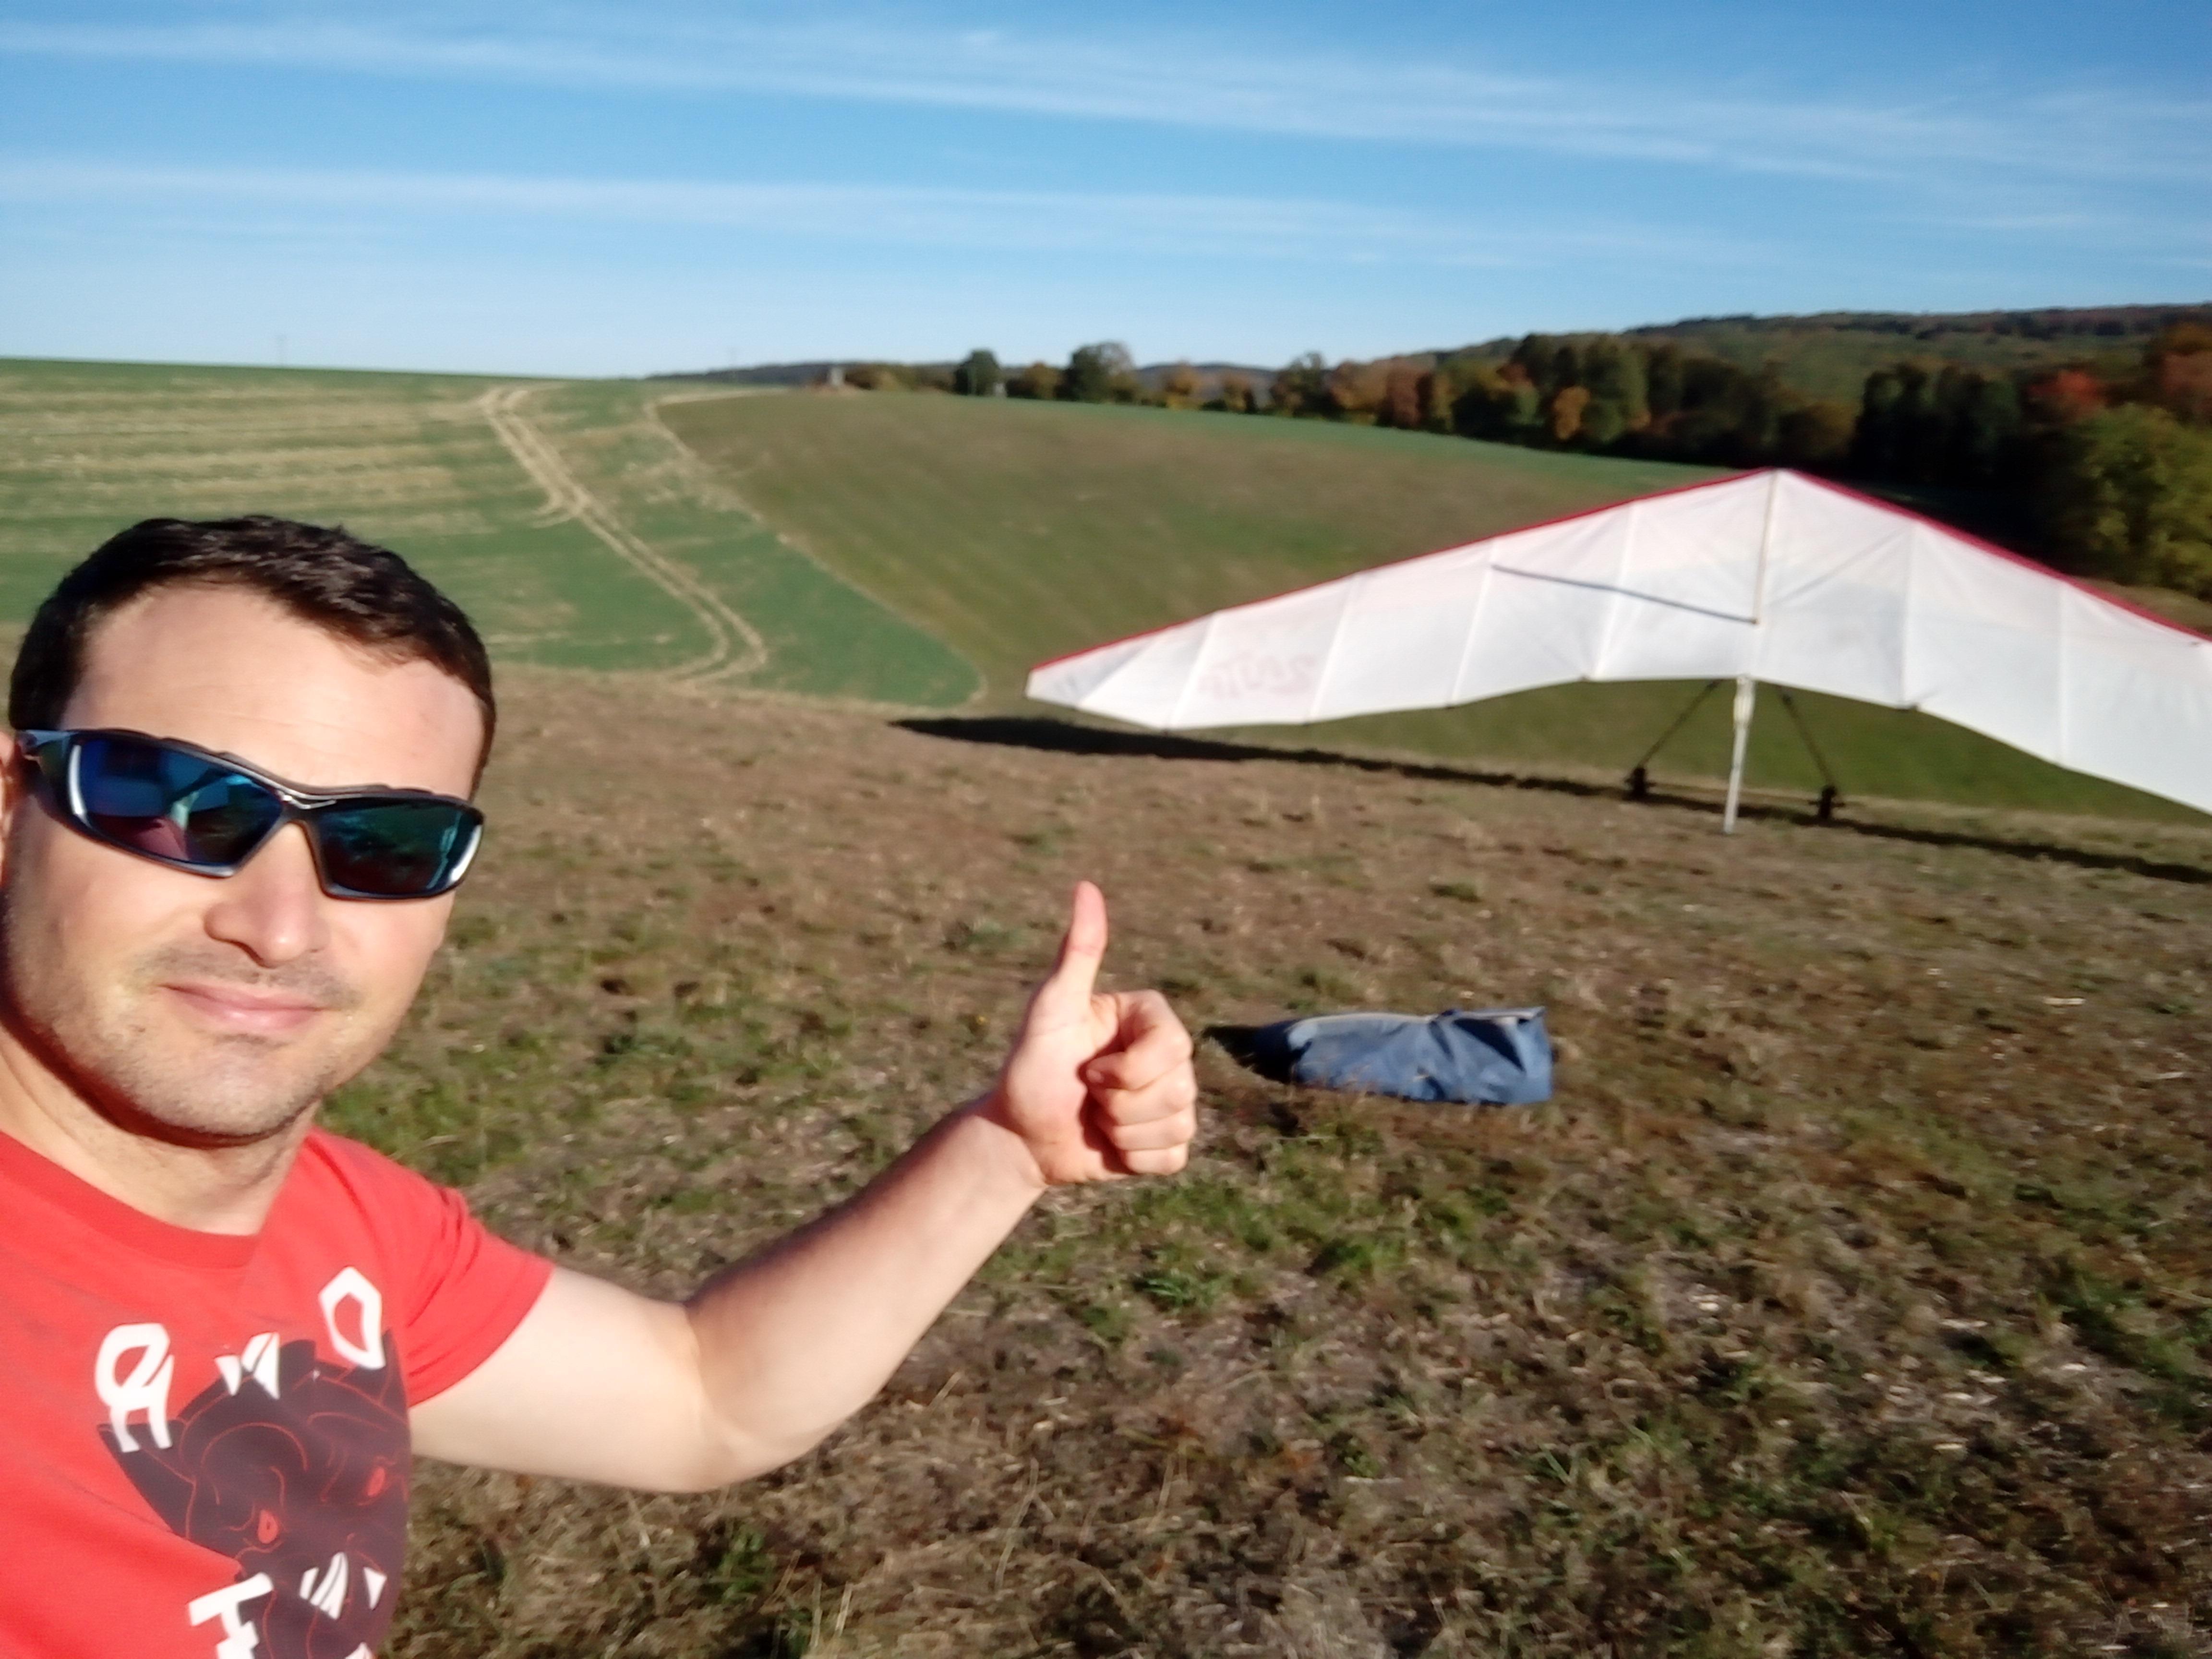 Selfie van man met zonnebril op, steekt zijn duim omhoog. Op de achtergrond een geparkeerde deltavlieger en een heuvellandschap